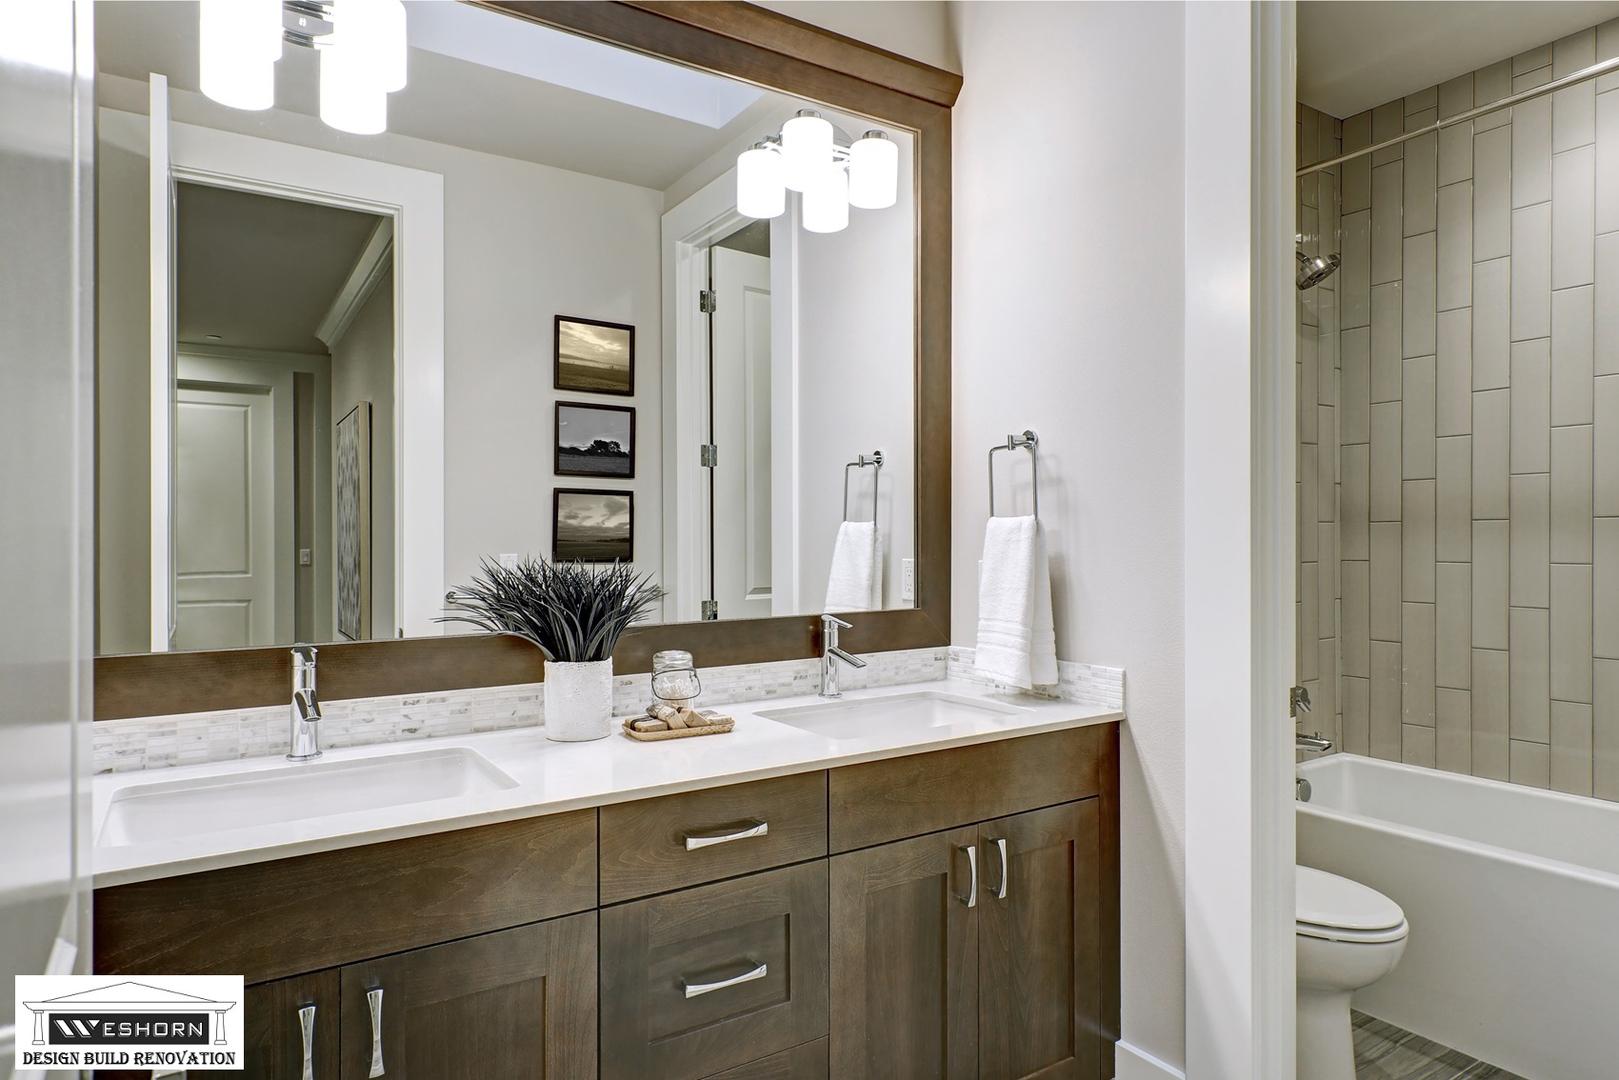 Bathroom Renovation Mount Prospect IL Remodeling :Weshorn Remodeling